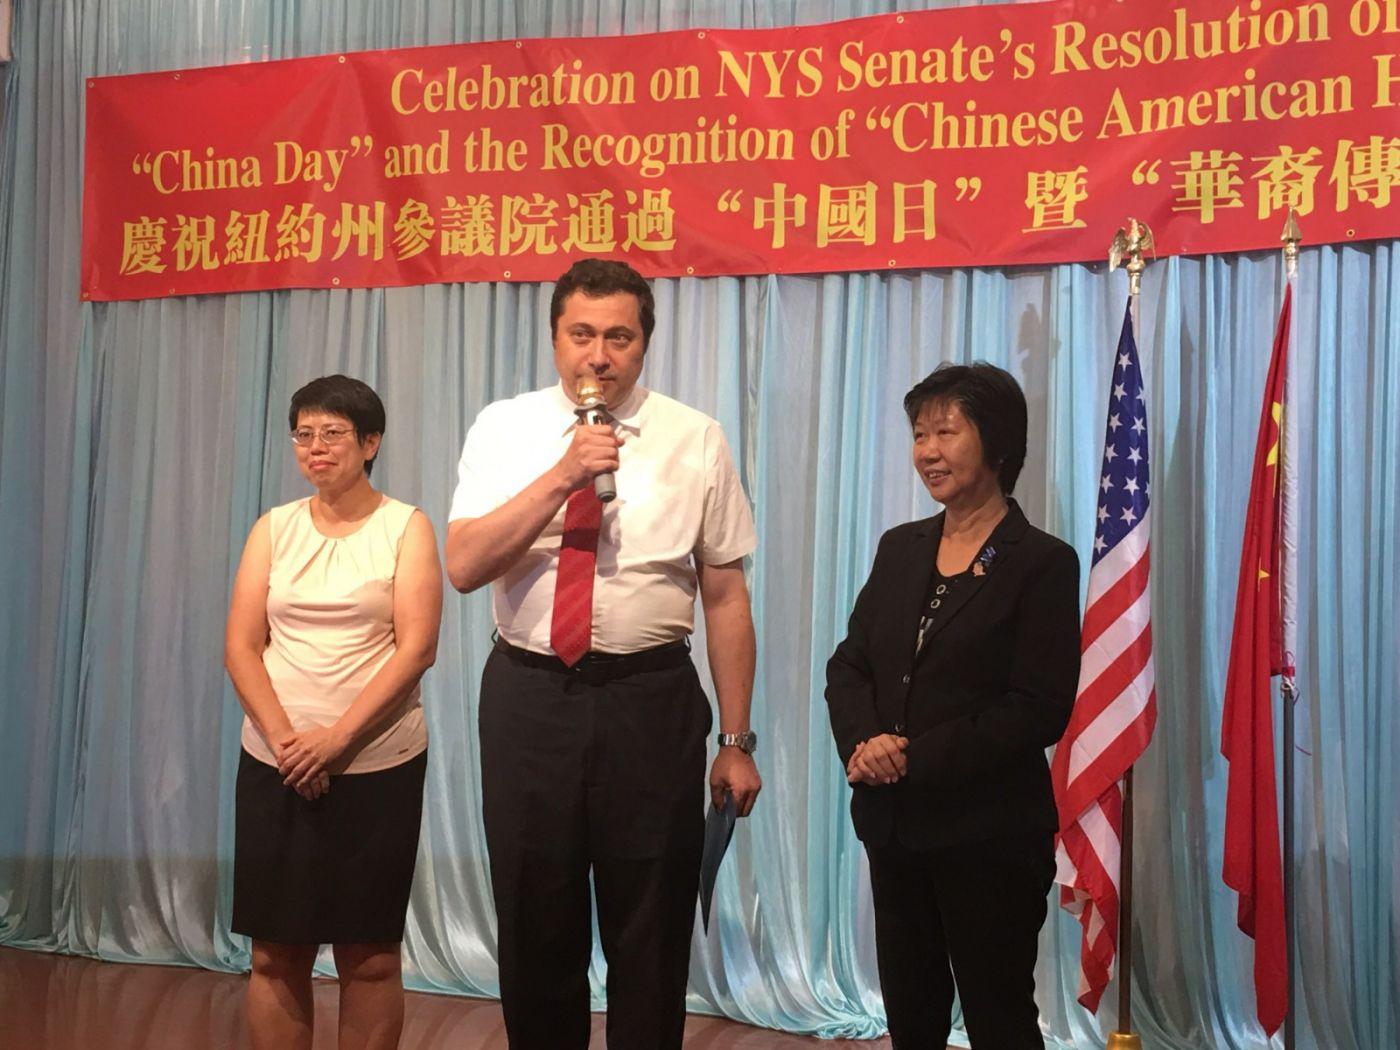 紐約州參議院通過「中國日」決議案慶祝会在紐約舉行_图1-29